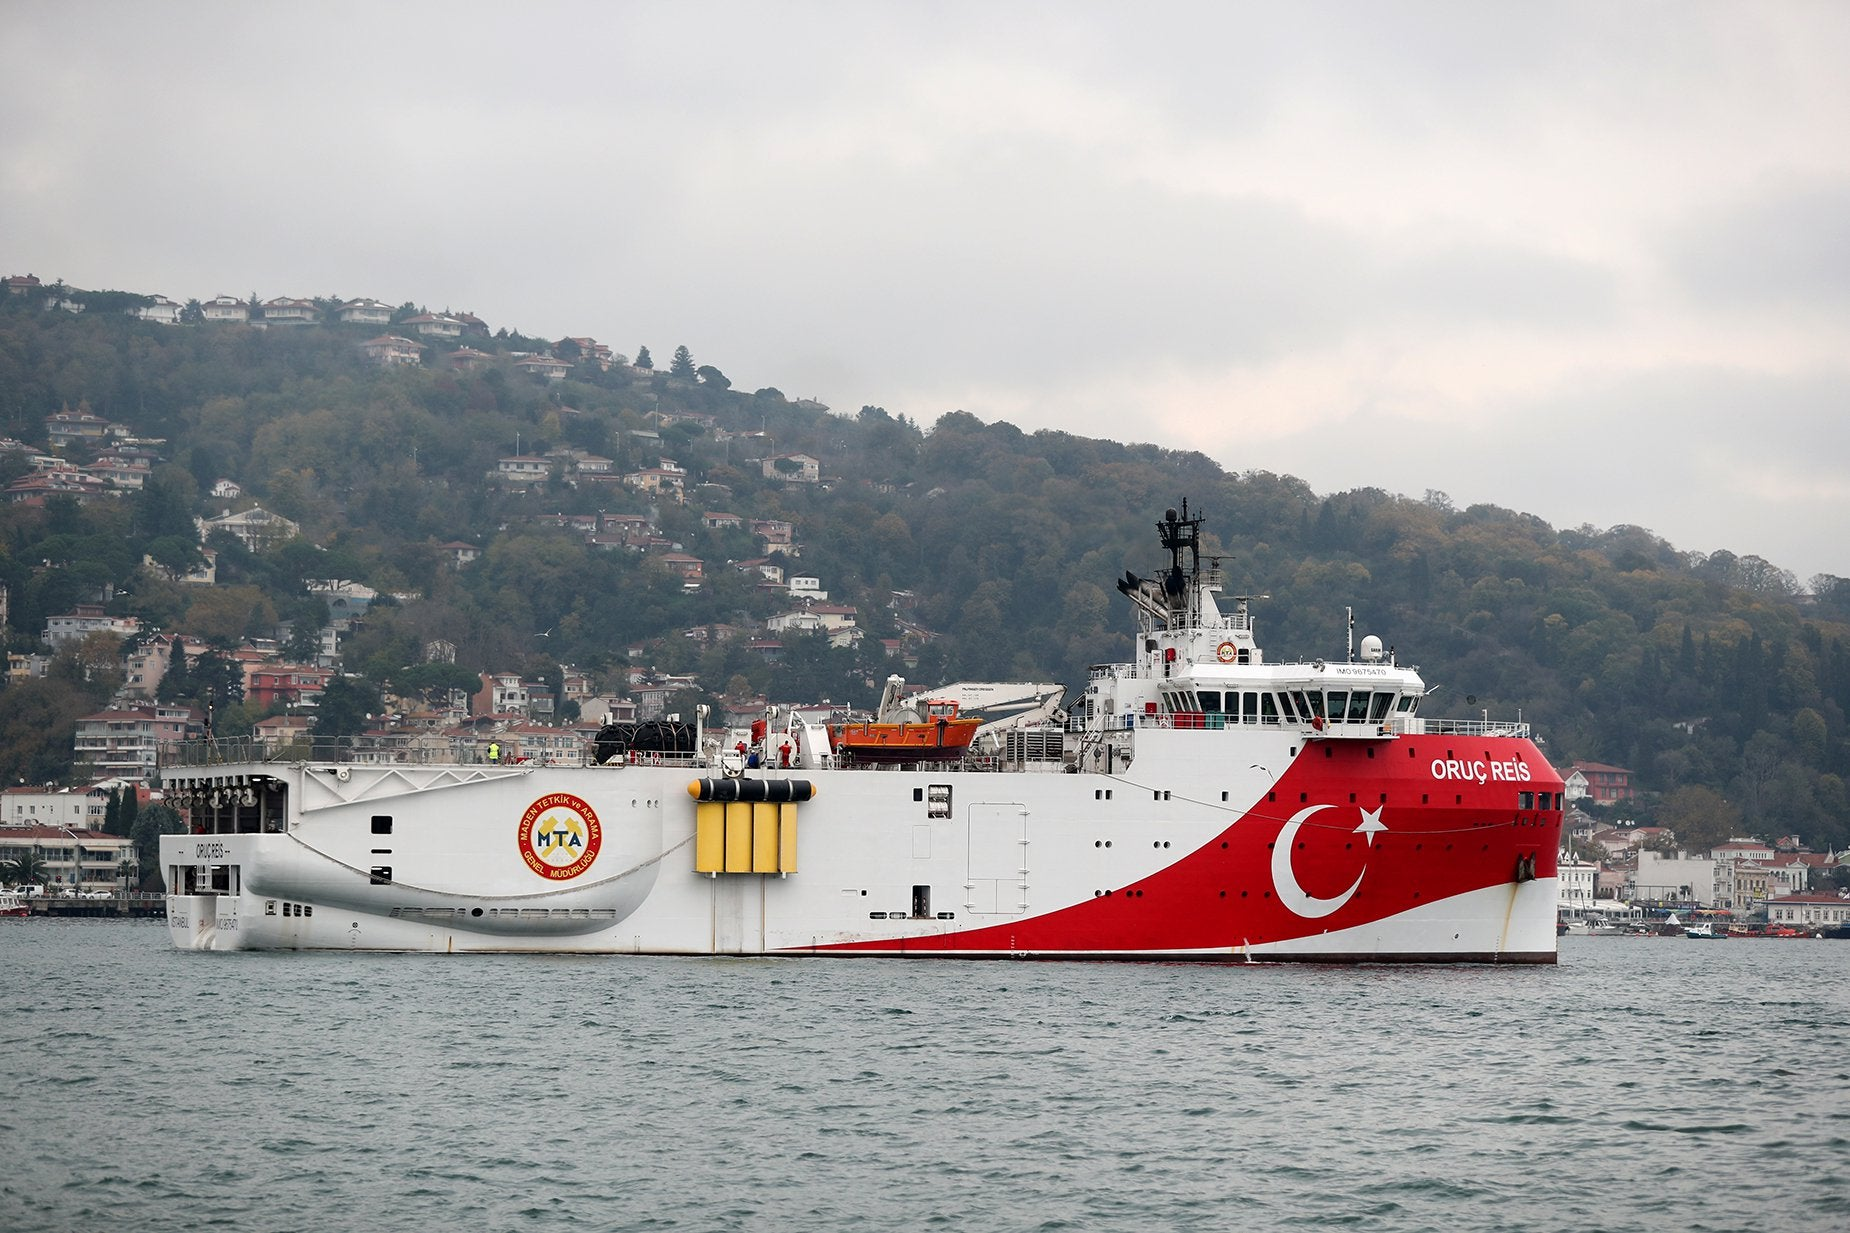 Το πλήρες σχέδιο της Τουρκίας για Καστελόριζο-Α.Μεσόγειο: Έρευνες, γεωτρήσεις & δημιουργία τετελεσμένων – Σε ετοιμότητα η Αθήνα - Φωτογραφία 1